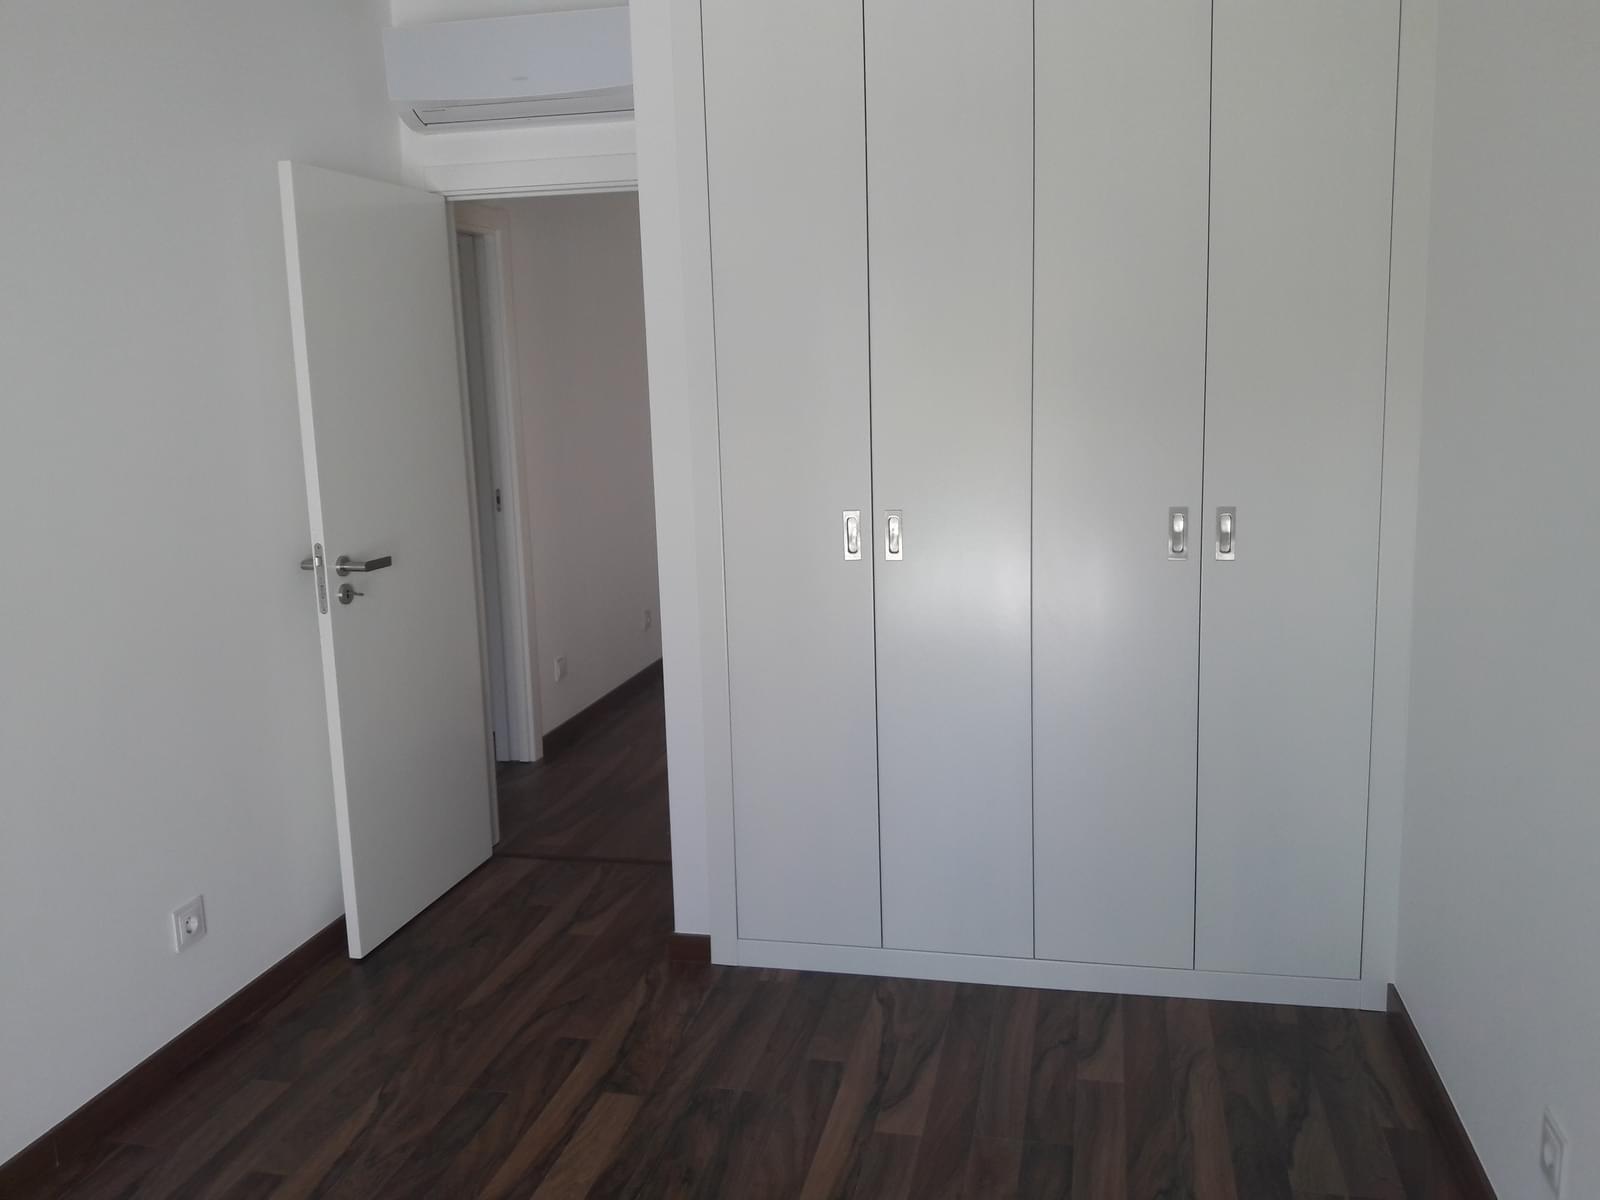 pf18025-apartamento-t3-b0436de4-ccca-4d68-94b3-a5268cbe3cfa